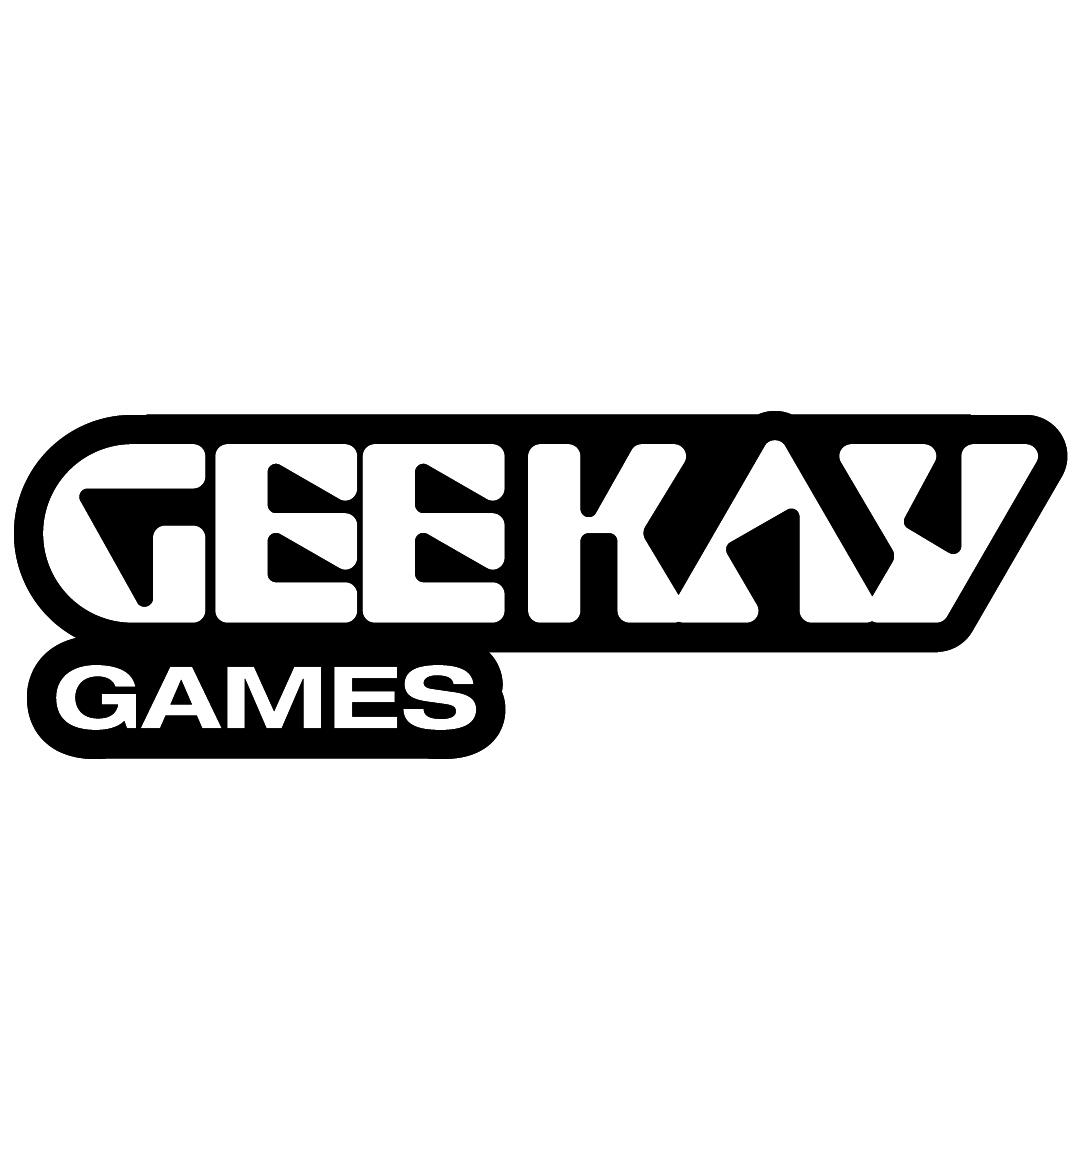 Geekay Games